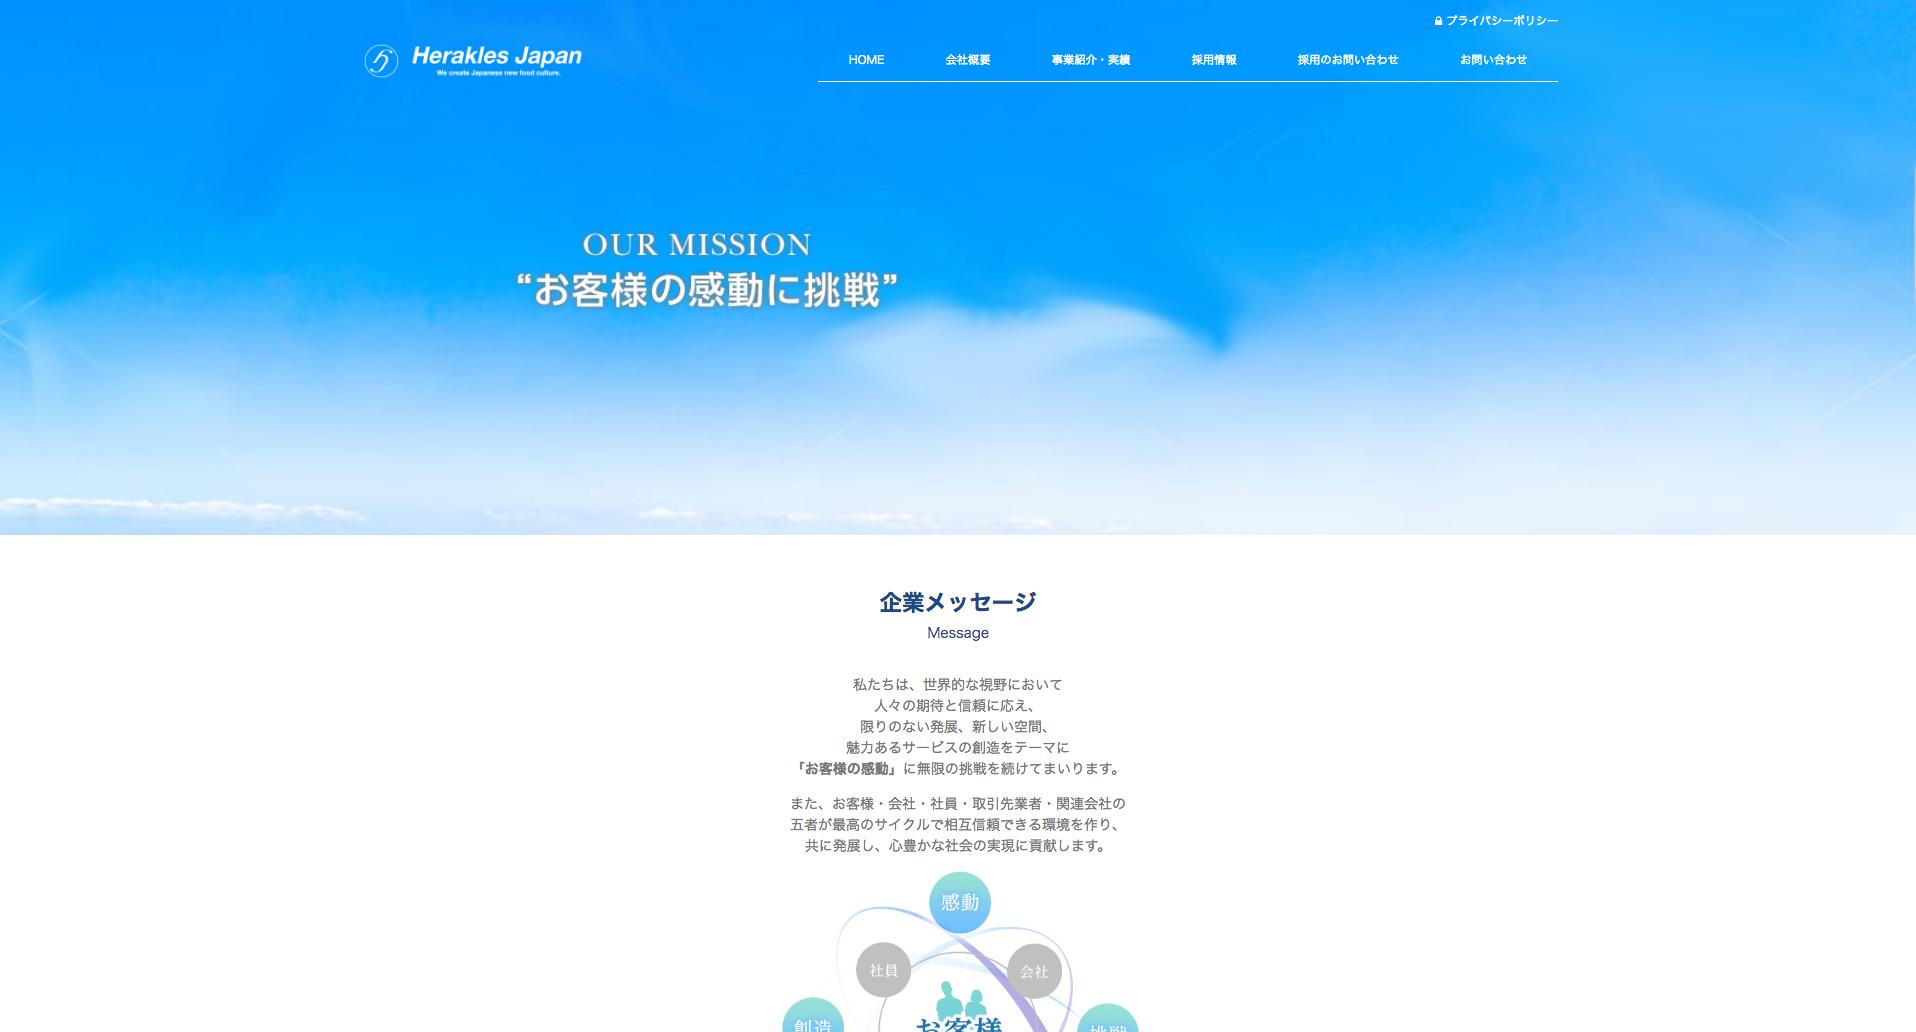 ヘラクレスジャパン コーポレートサイト